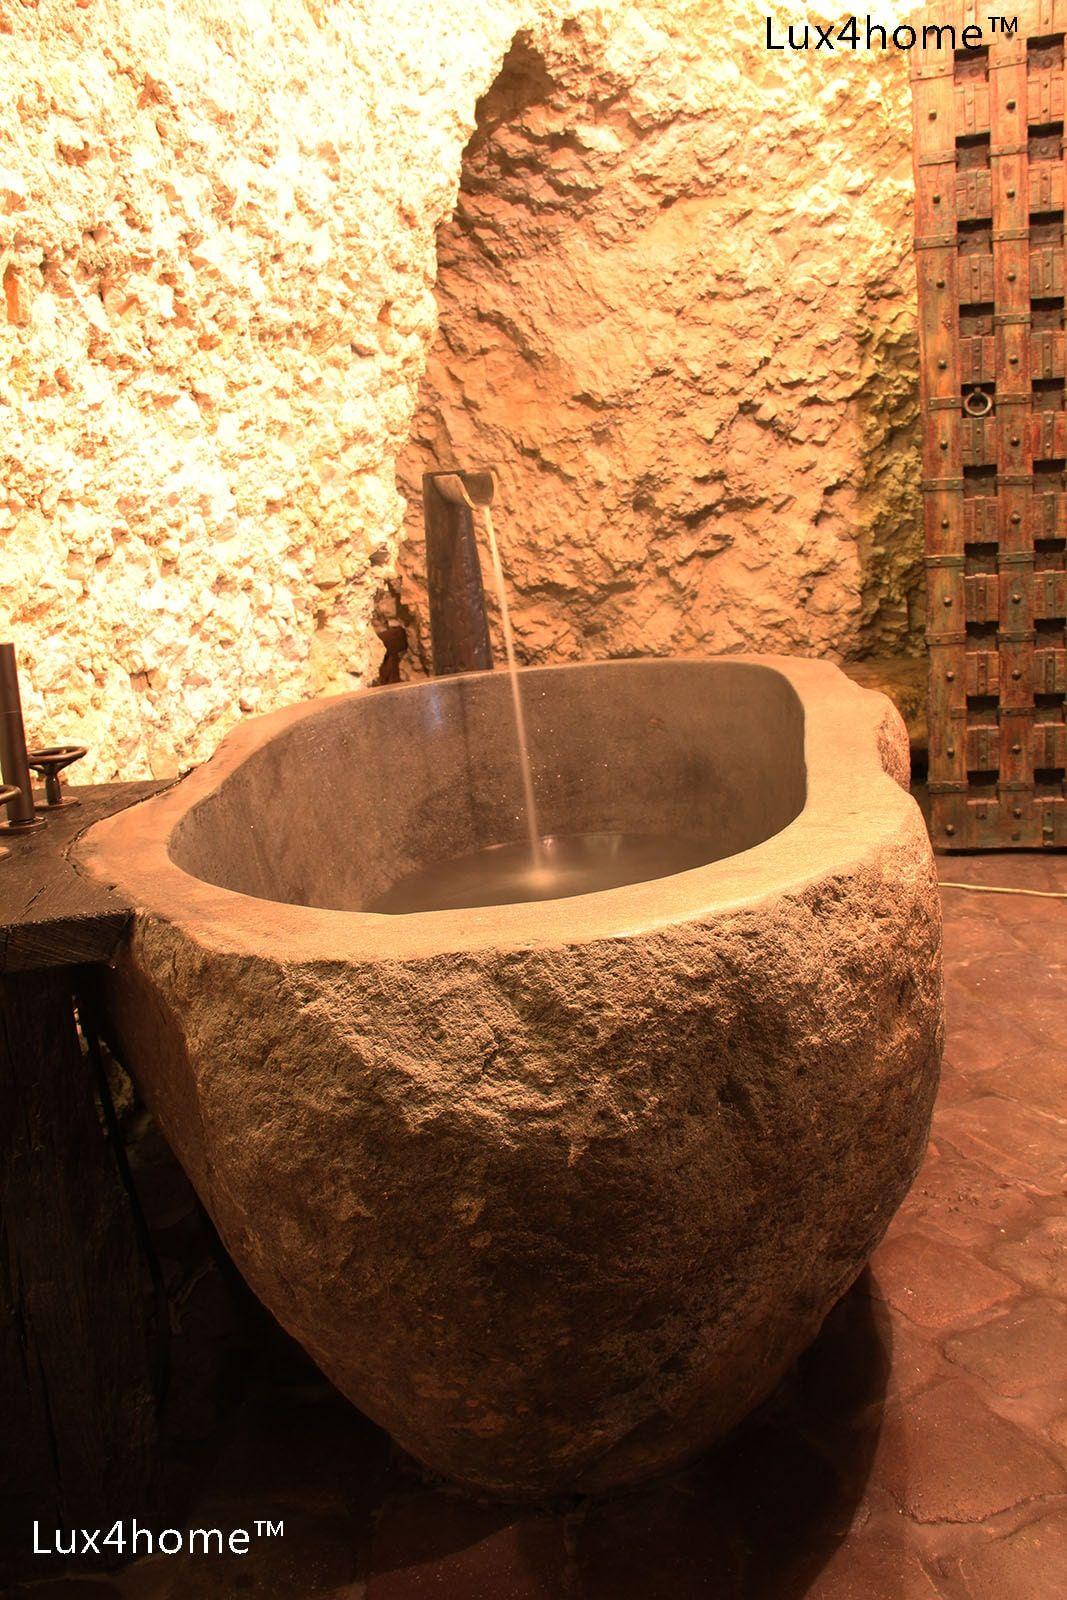 Freestanding Stone Bathtubs For Sale Ideas Stone Bathtub Stone